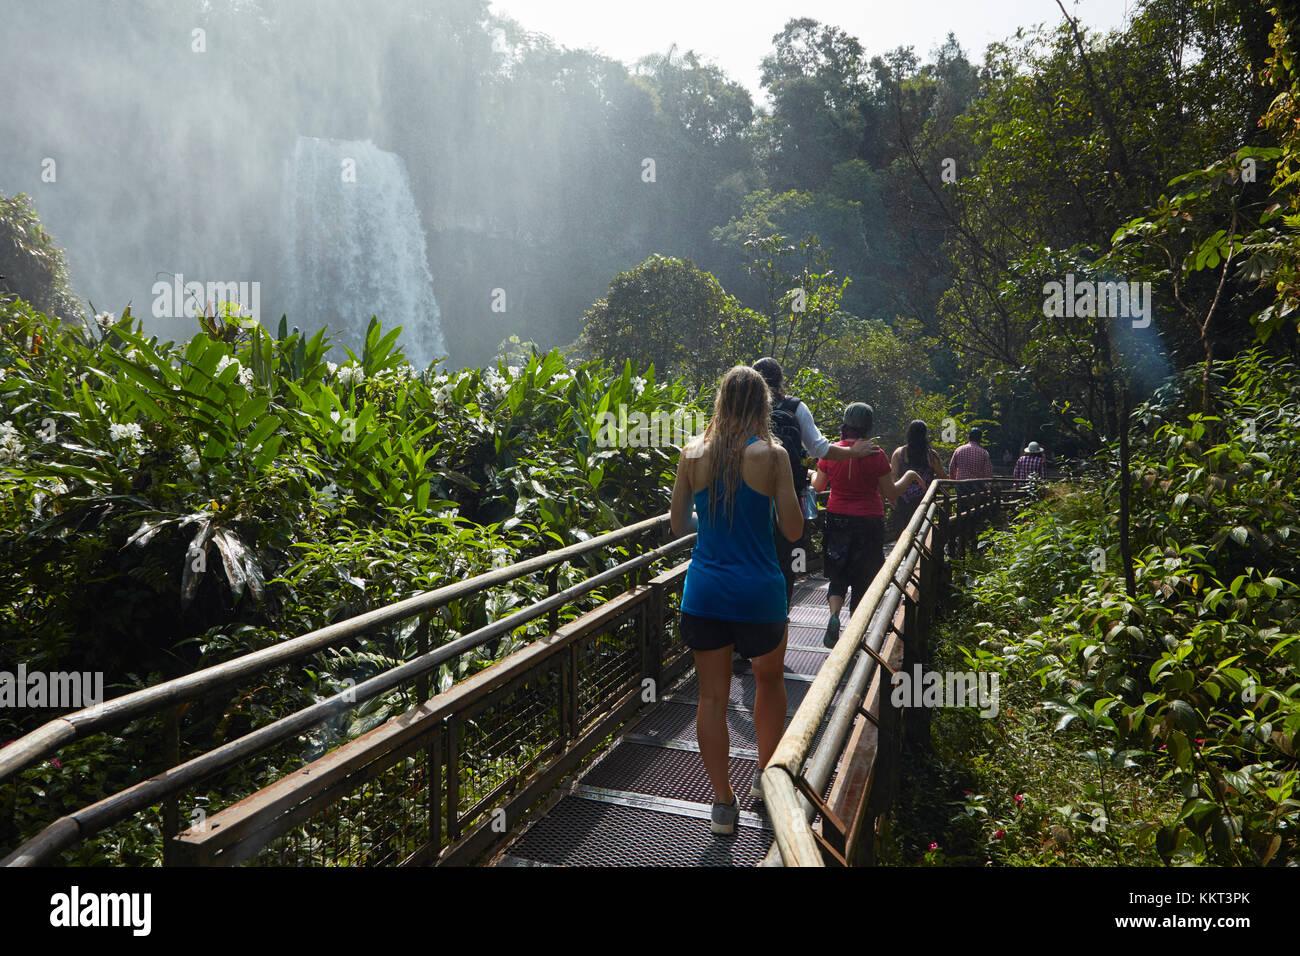 Touristique sur la passerelle par les chutes d'Iguazu, Argentine, Amérique du Sud Banque D'Images